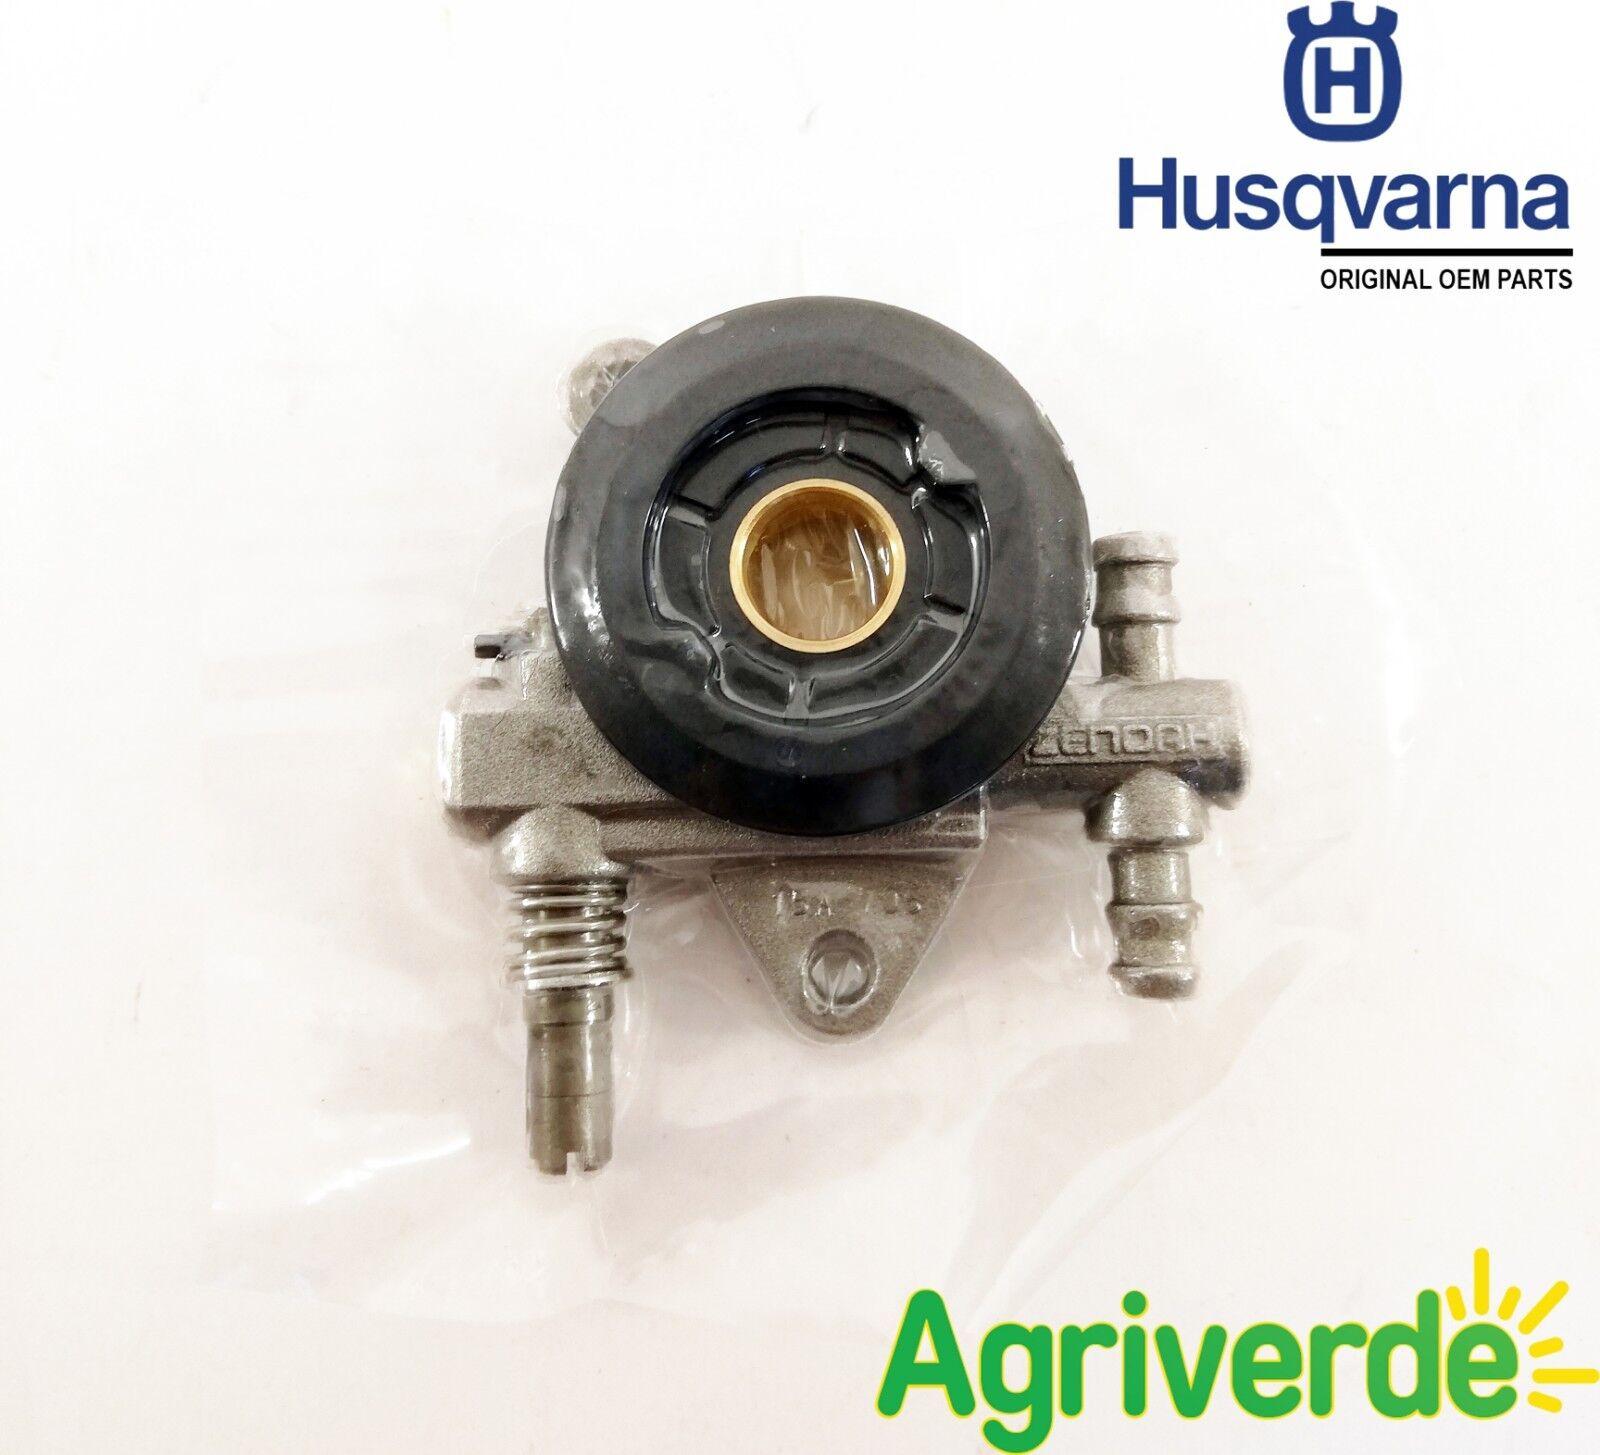 più economico Pompa Olio Olio Olio Completa per Motosega Husqvarna T425 521586001  risparmia fino al 70%